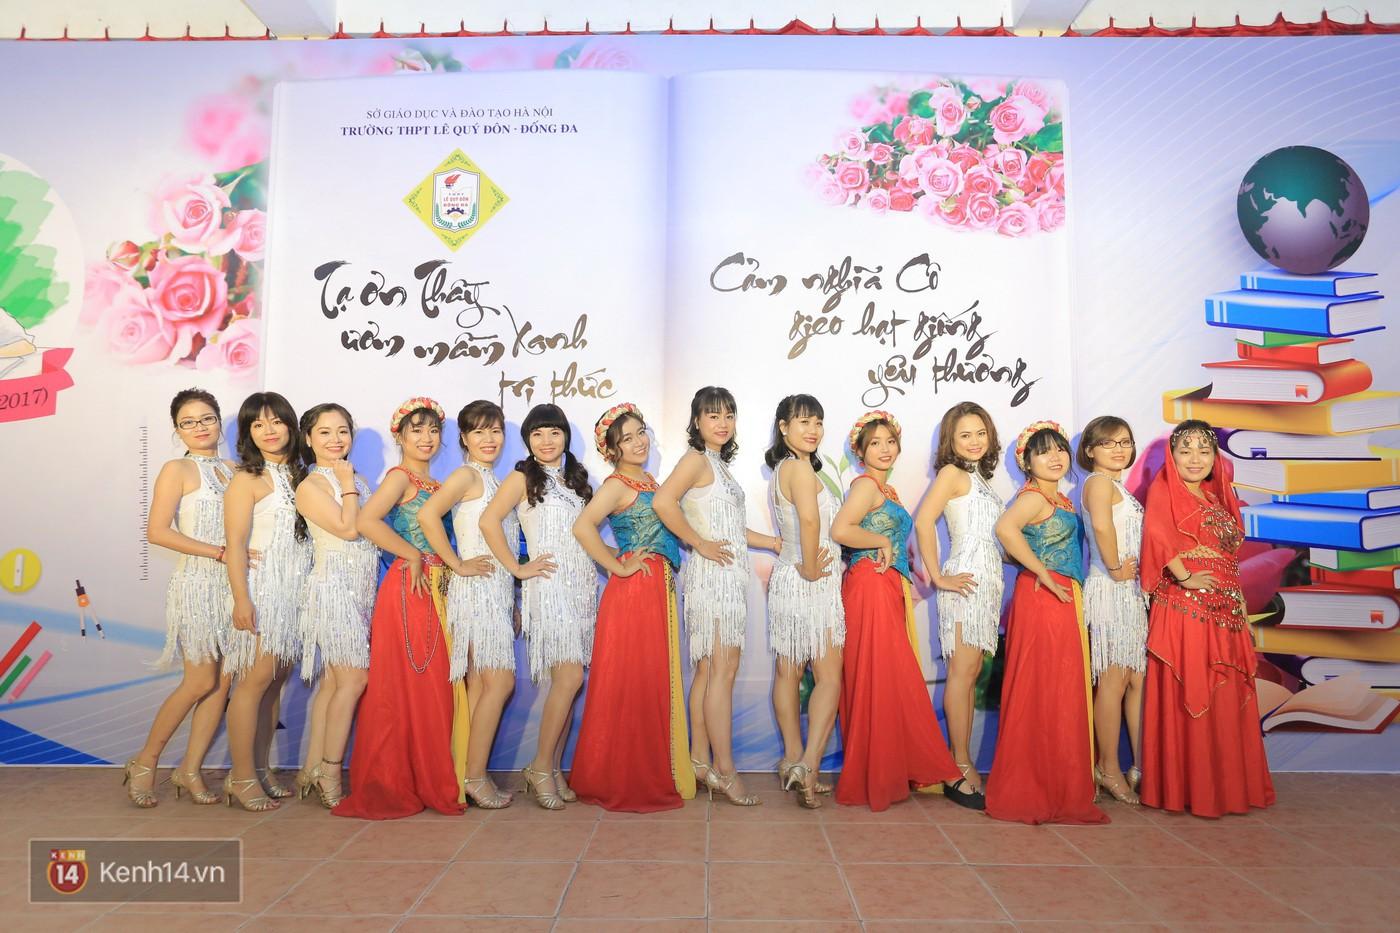 Trai xinh gái đẹp trường Lê Quý Đôn (Hà Nội) quẩy tưng bừng trong prom chào mừng 20/11 - Ảnh 11.